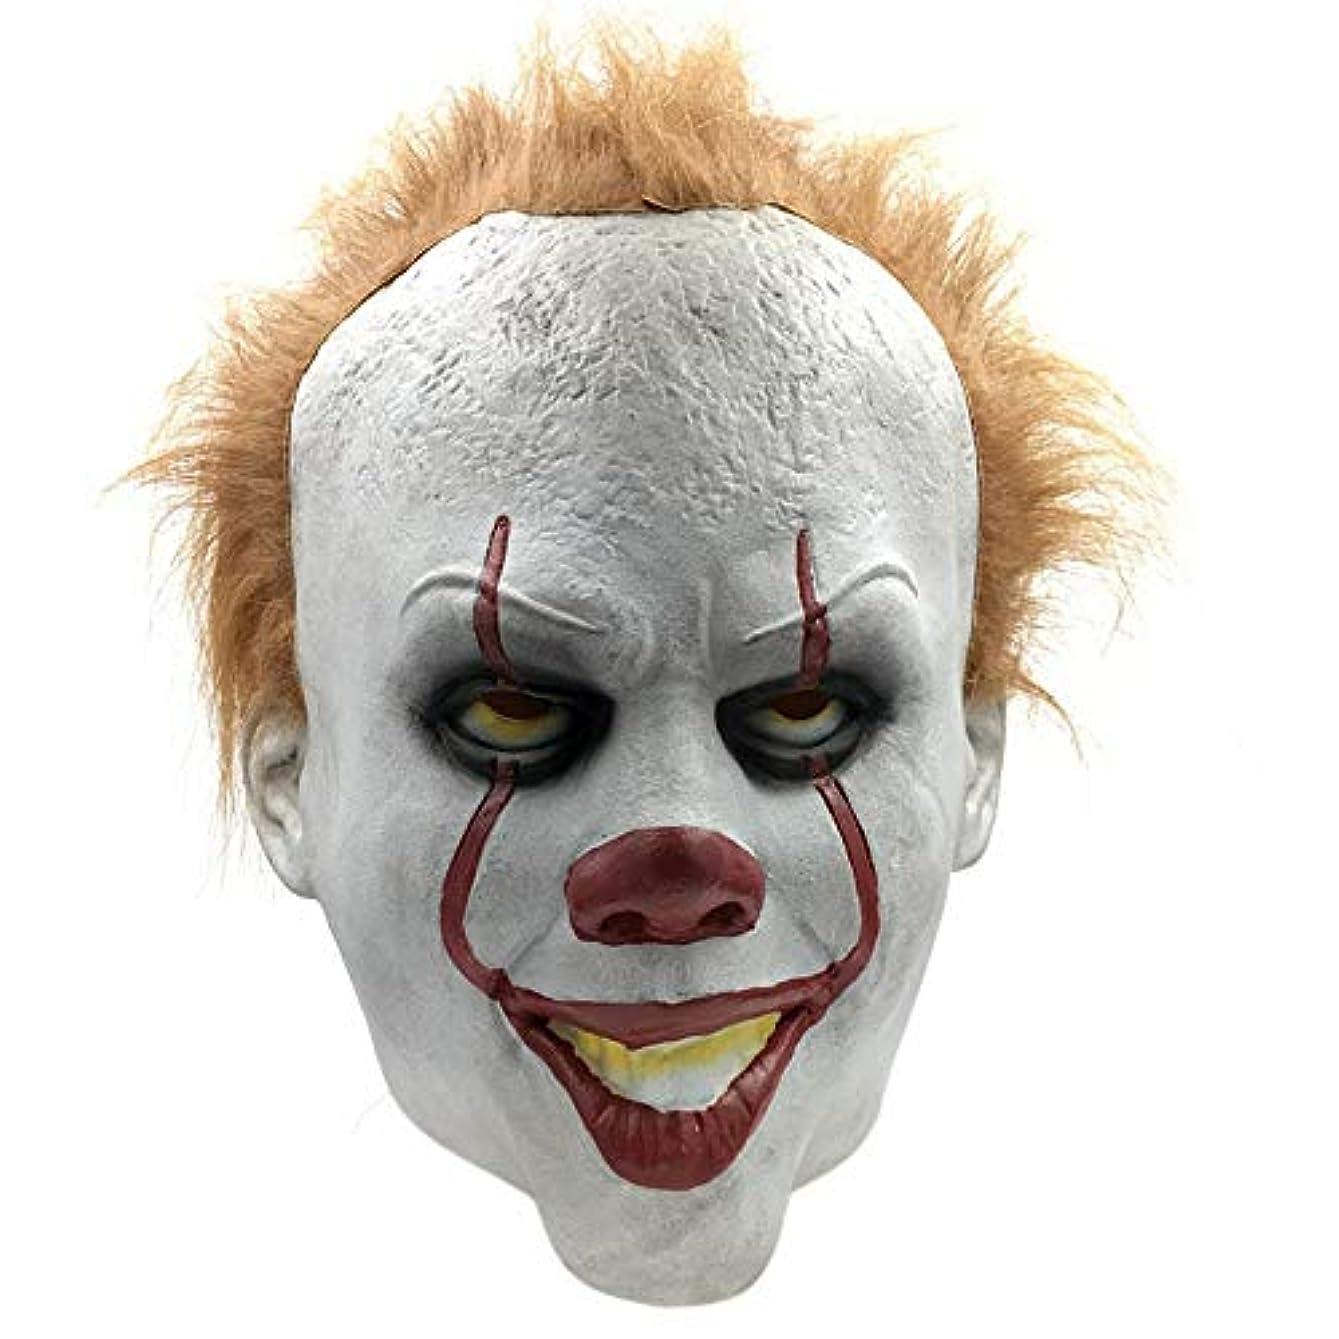 フィット浸食クラックポットハロウィン大人のラテックスホラーマスクしかめっ面マスクパーティーマスク怖い悪魔マスク映画小道具仮面舞踏会マスク